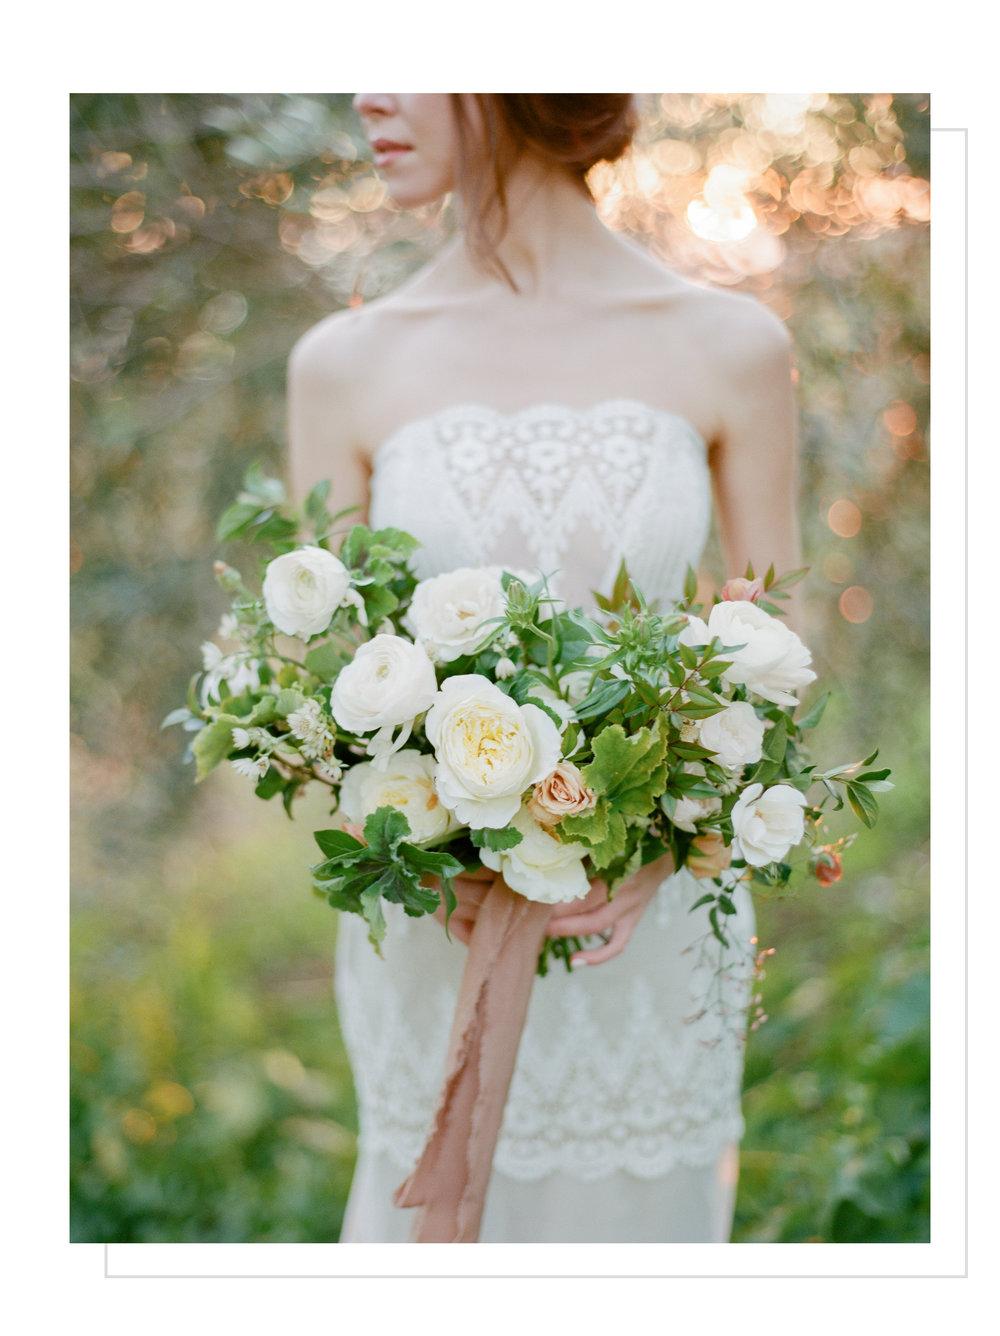 Weddings - Fine Art Weddings & Inspiration